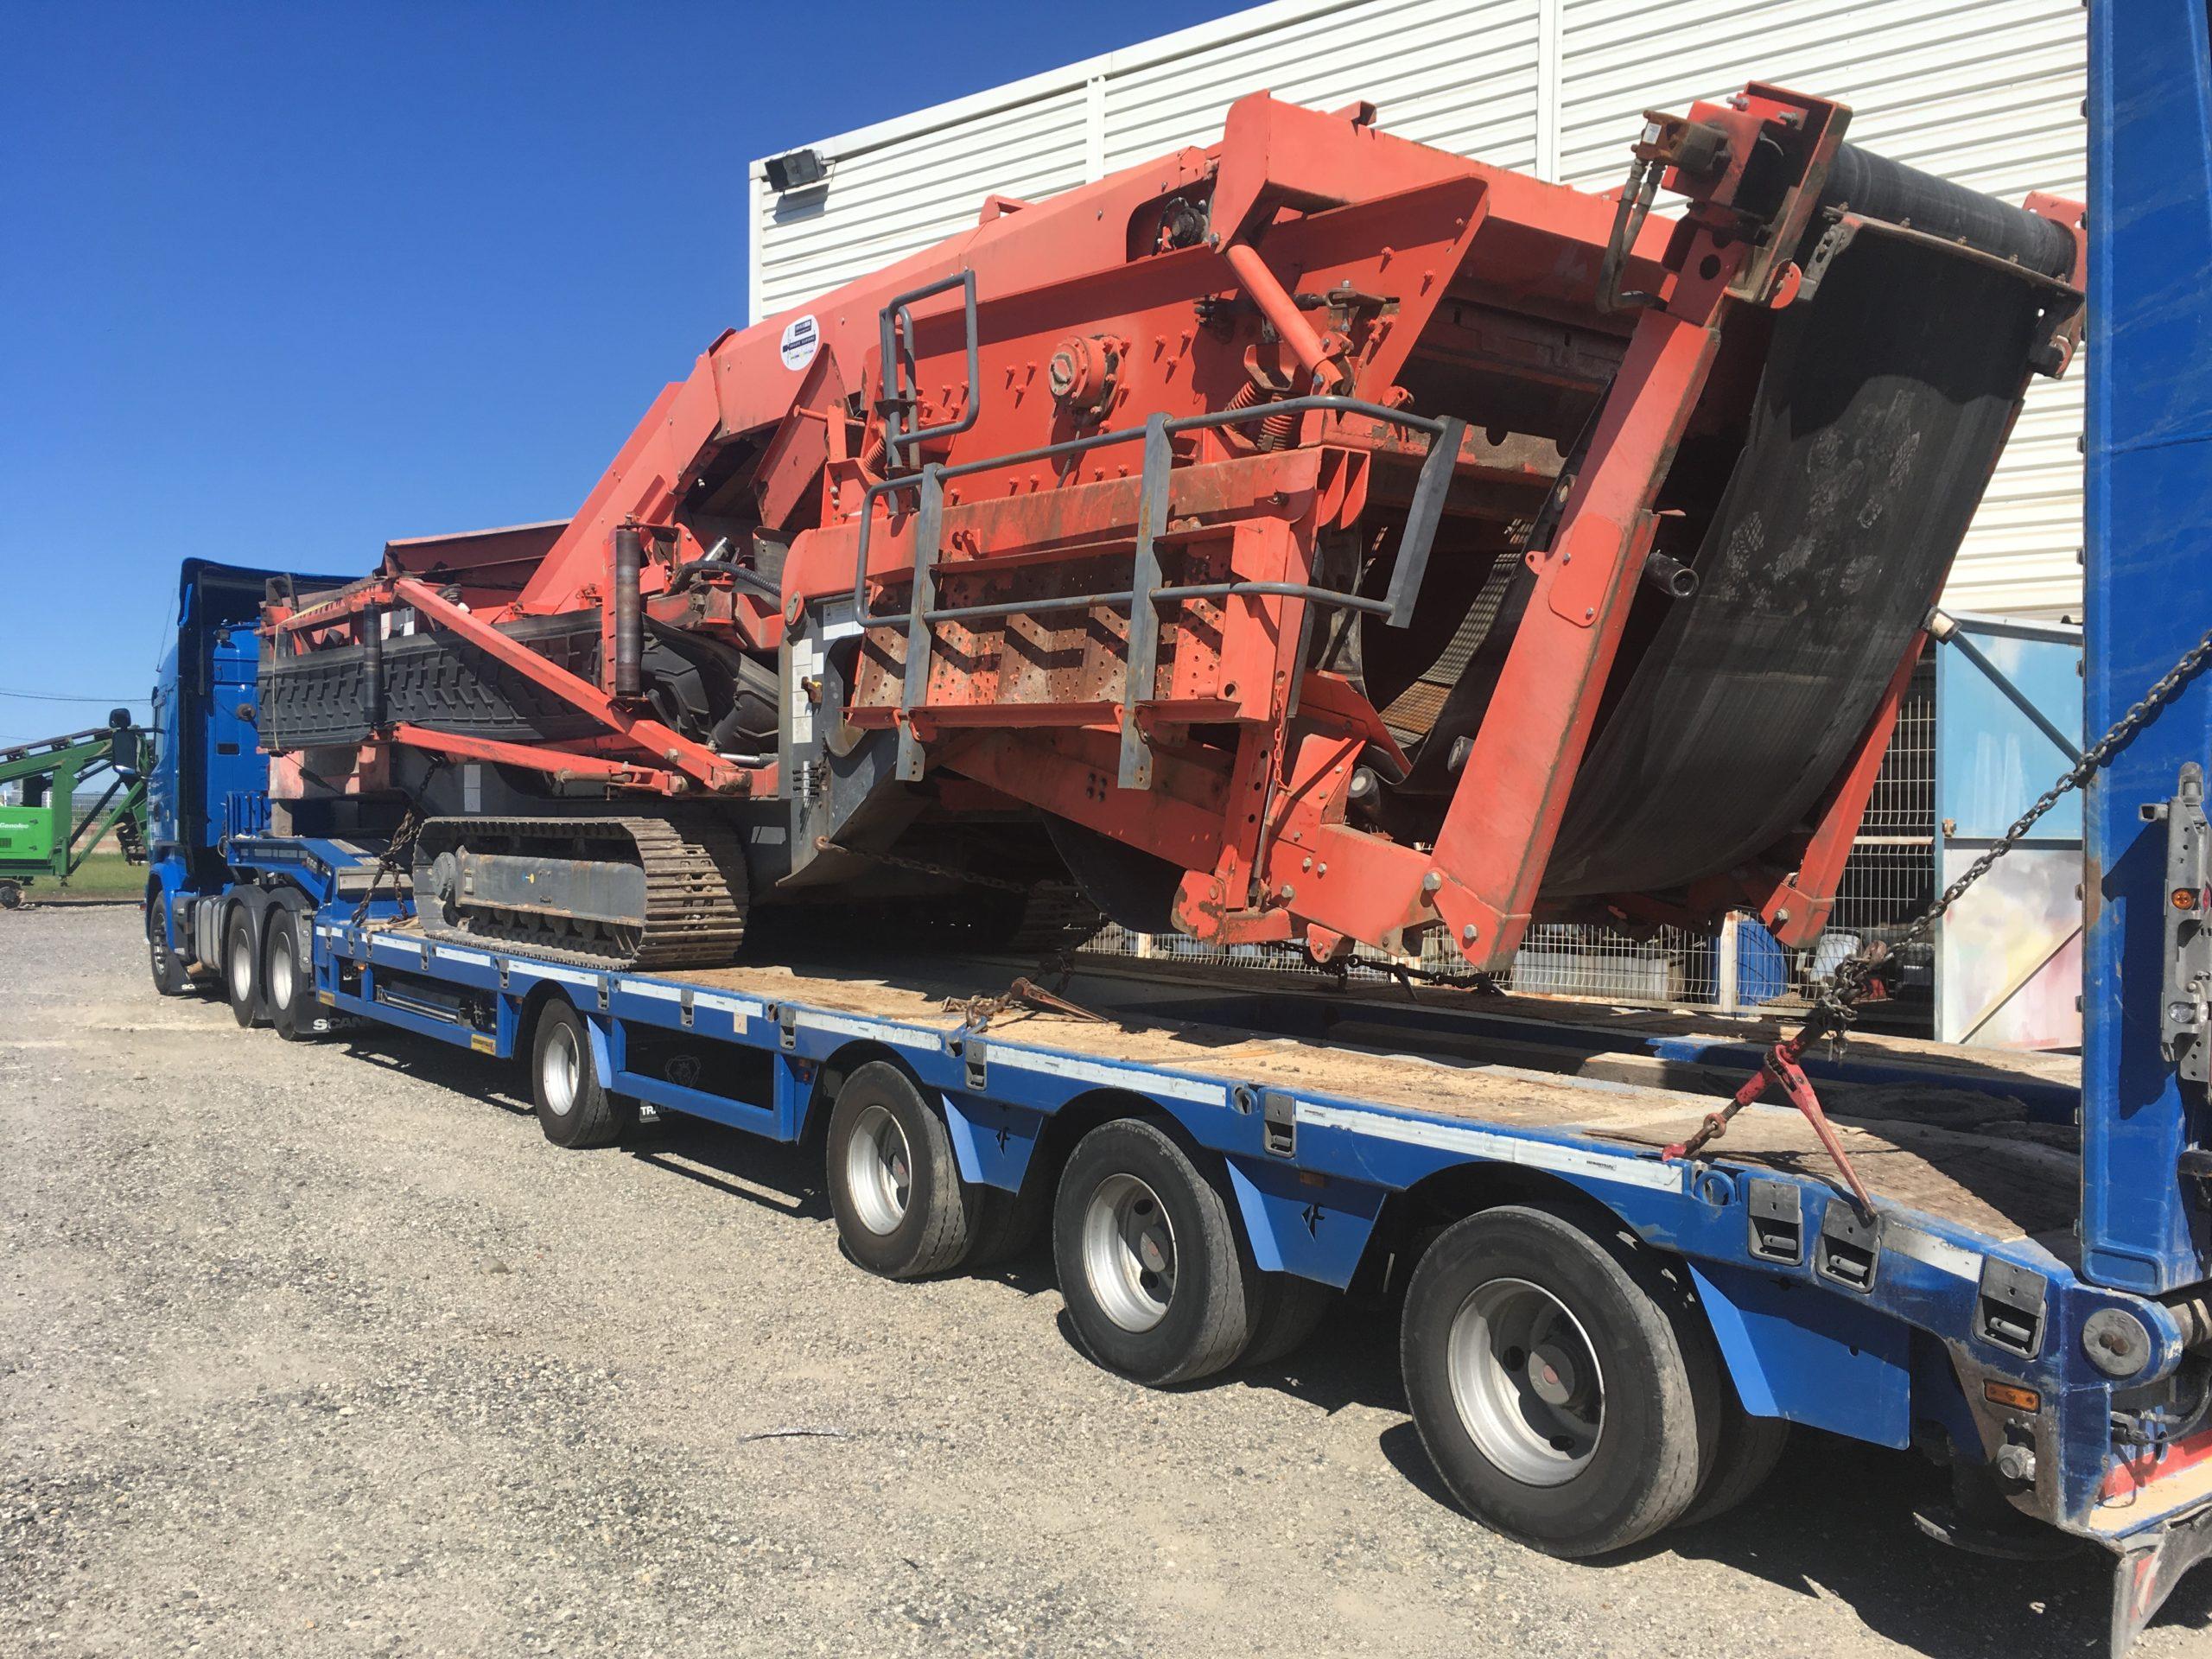 Garonne Services - Service Transport en porte-char - Livraison rapide de votre matériel sur votre chantier dans la France entière